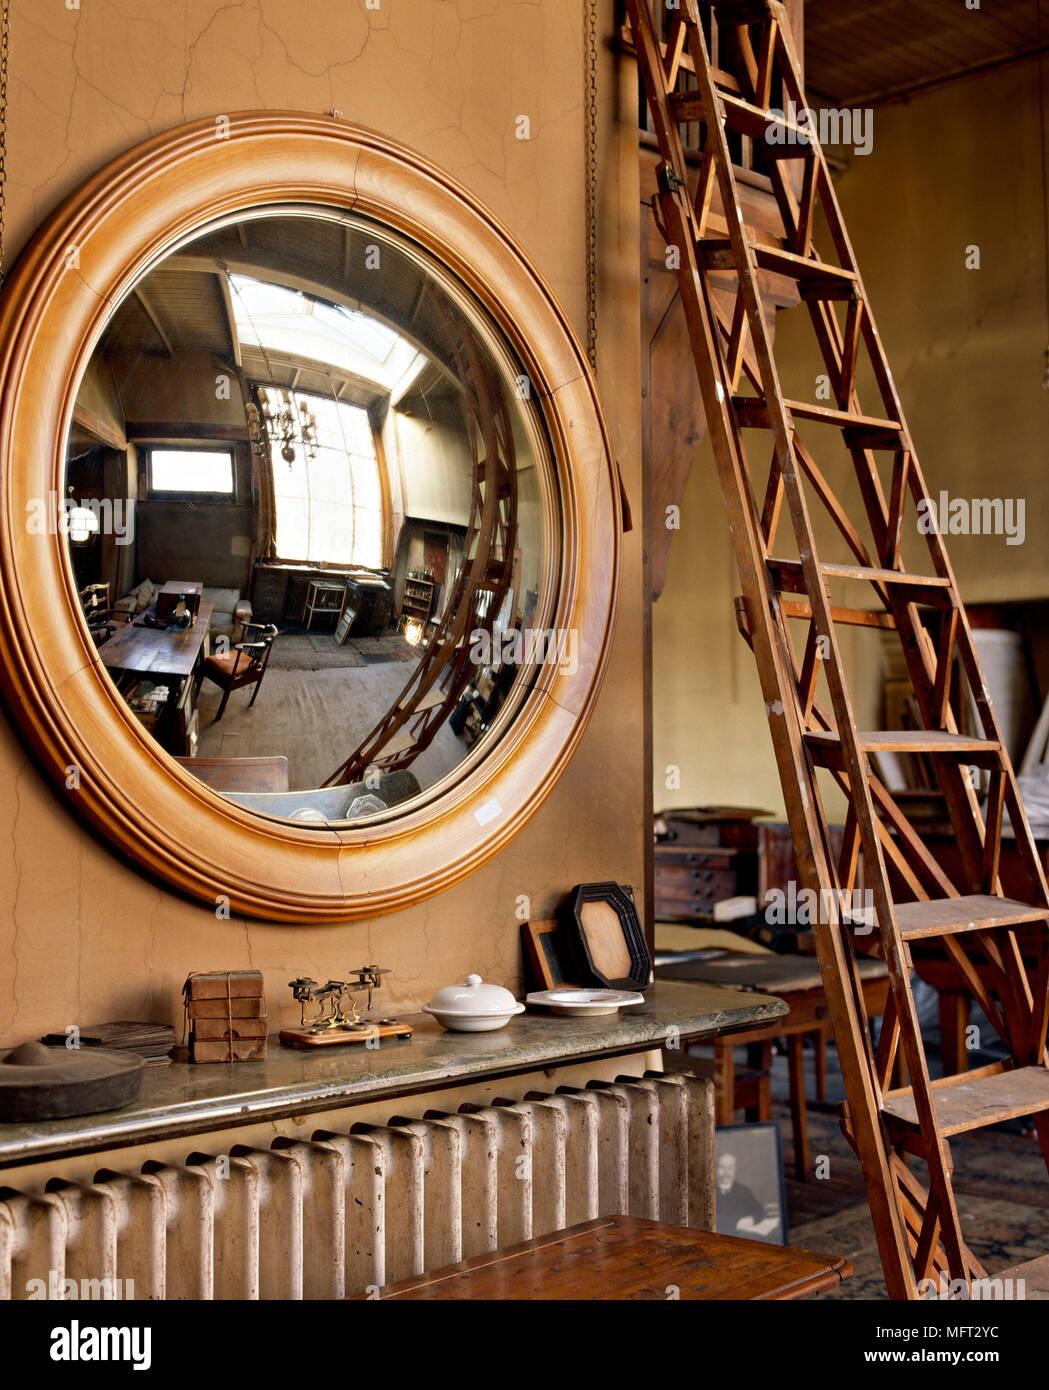 Traditionelle Runde Spiegel Mit Reflexion Der Zimmer Kühler